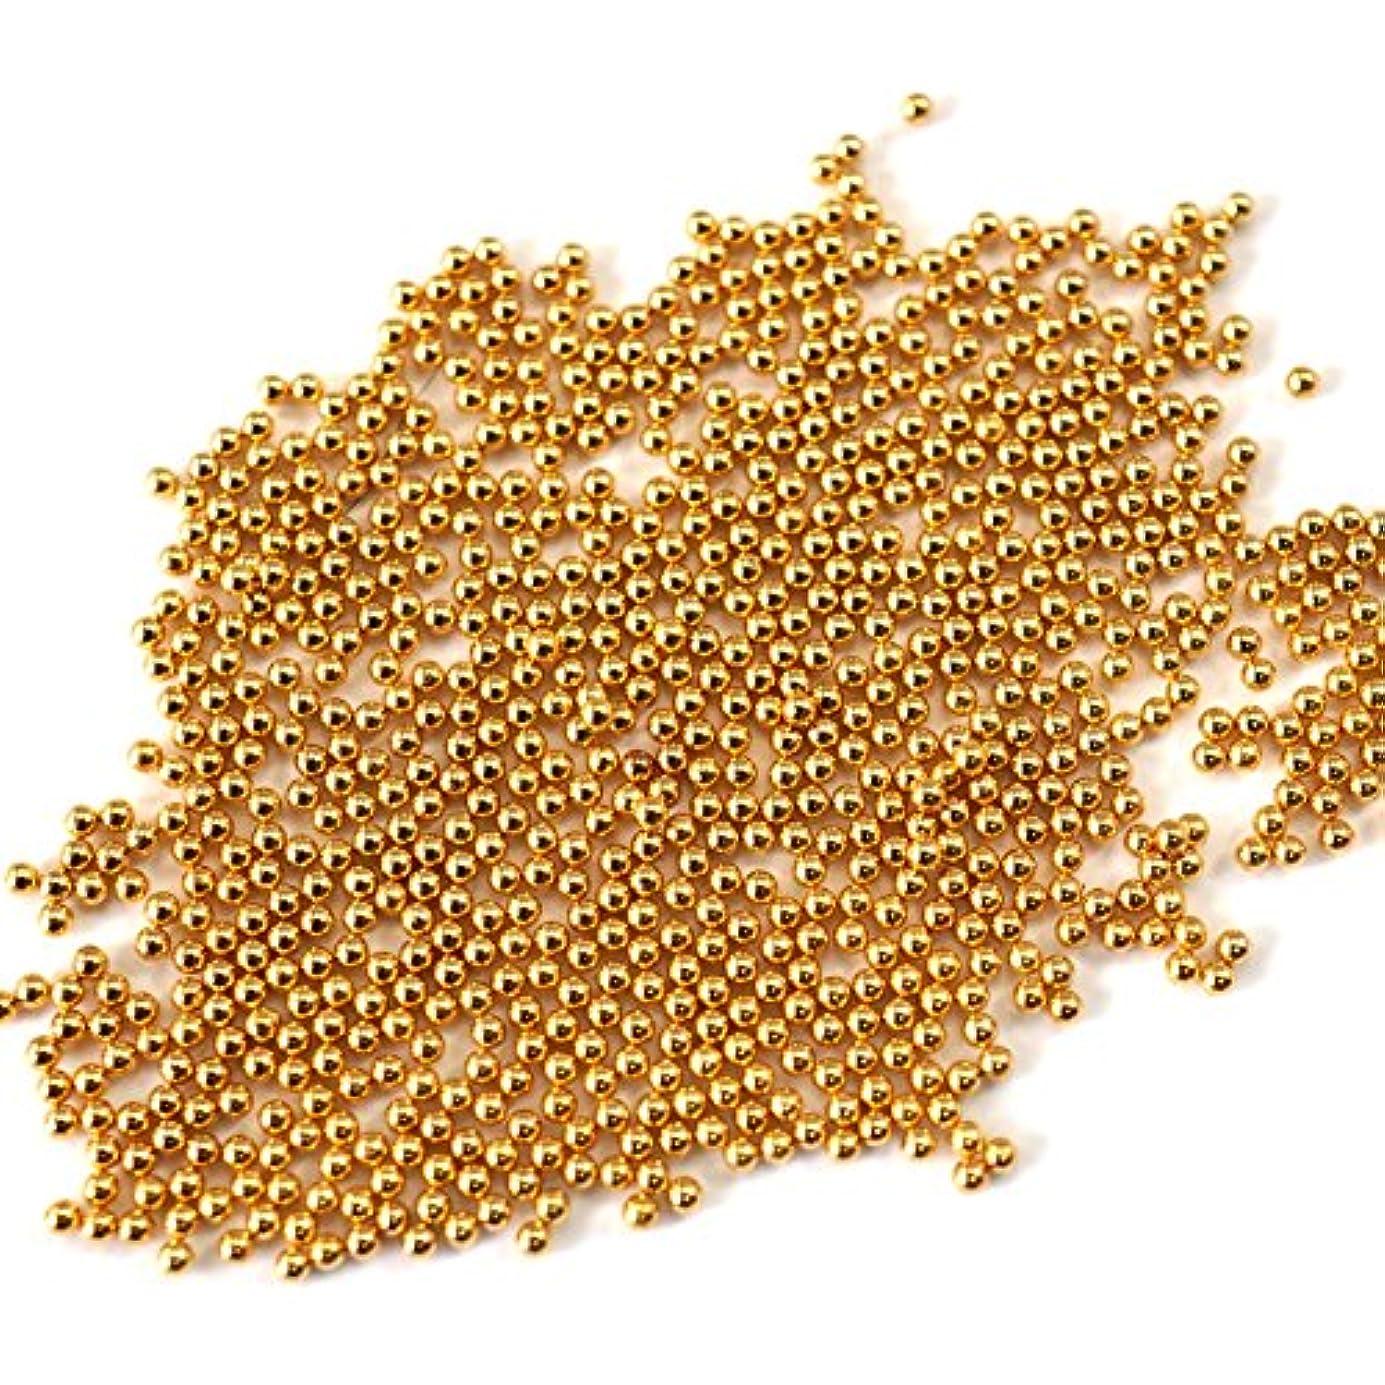 モトリー兵器庫回答高品質メタルブリオン 1mm 4g(約1000個)ゴールド